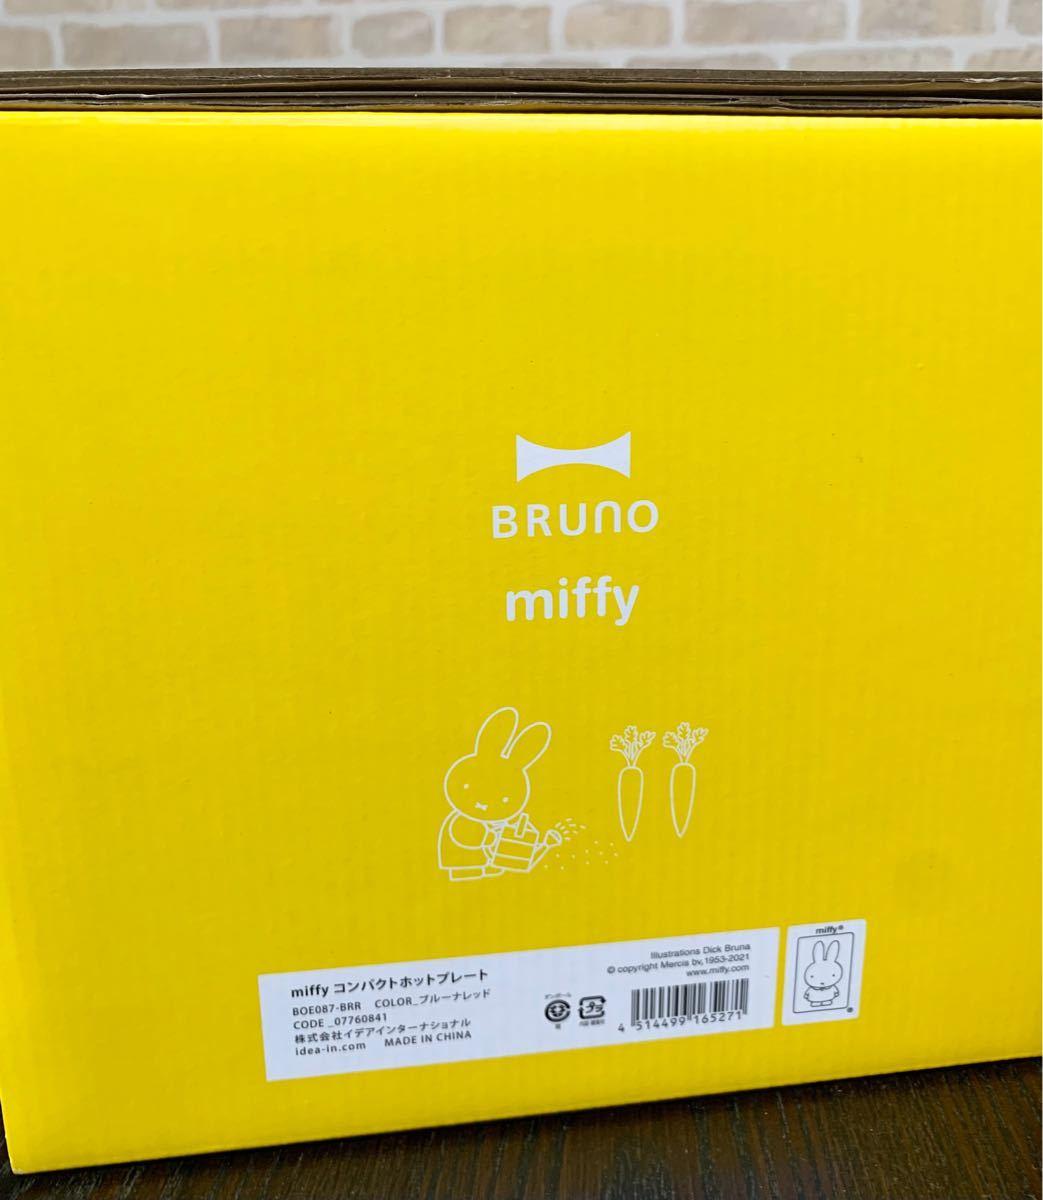 ★新品★ブルーノ ミッフィー コンパクトホットプレート BOE087 たこ焼き器 パンケーキ BRUNO ブルーナ